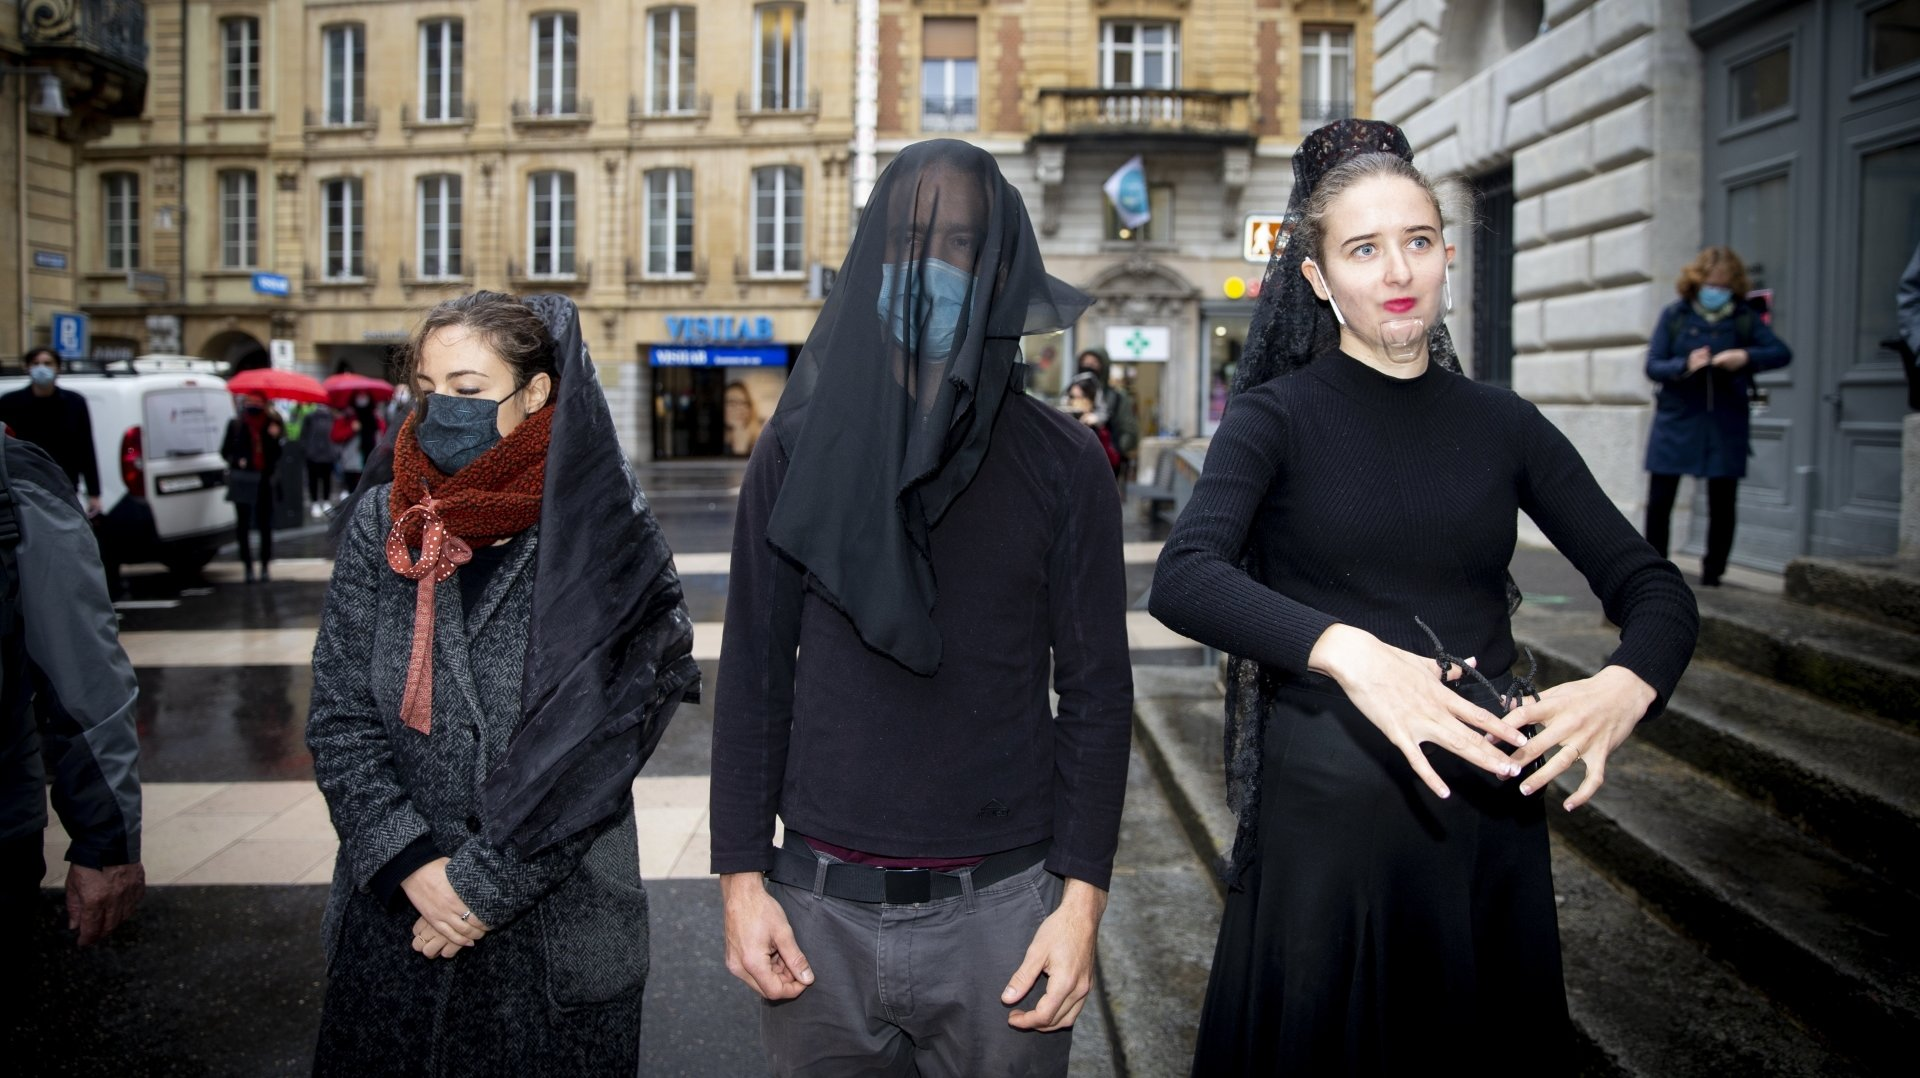 Procès d'Extinction Rebellion à Neuchâtel: le rôle de la police discuté